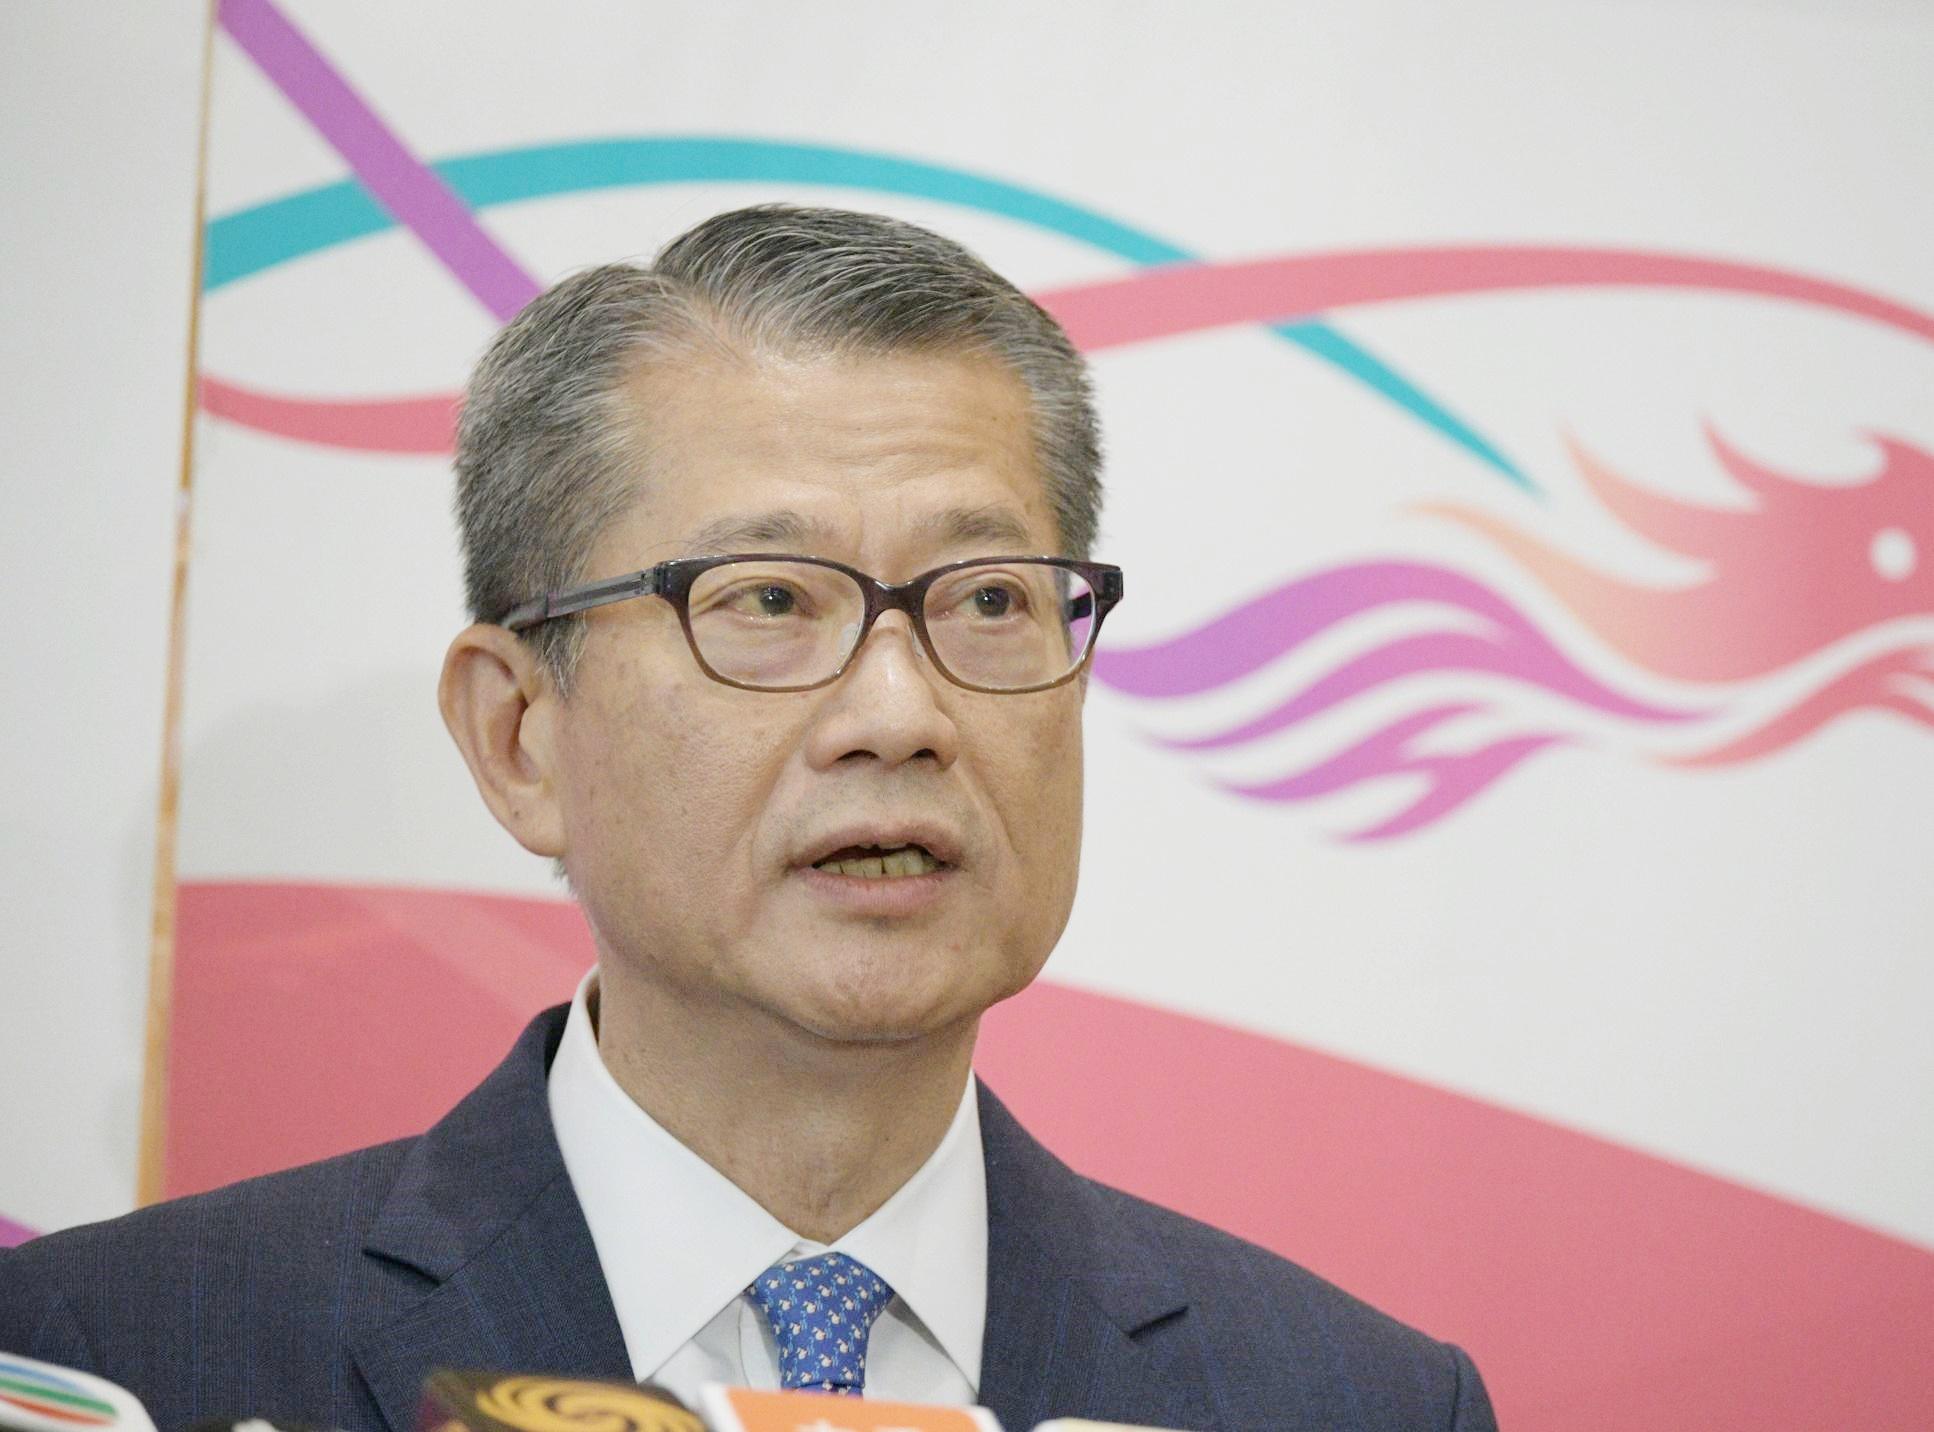 欢迎财政部连续3年在港发行美元国债 陈茂波:助推动香港债券市场发展